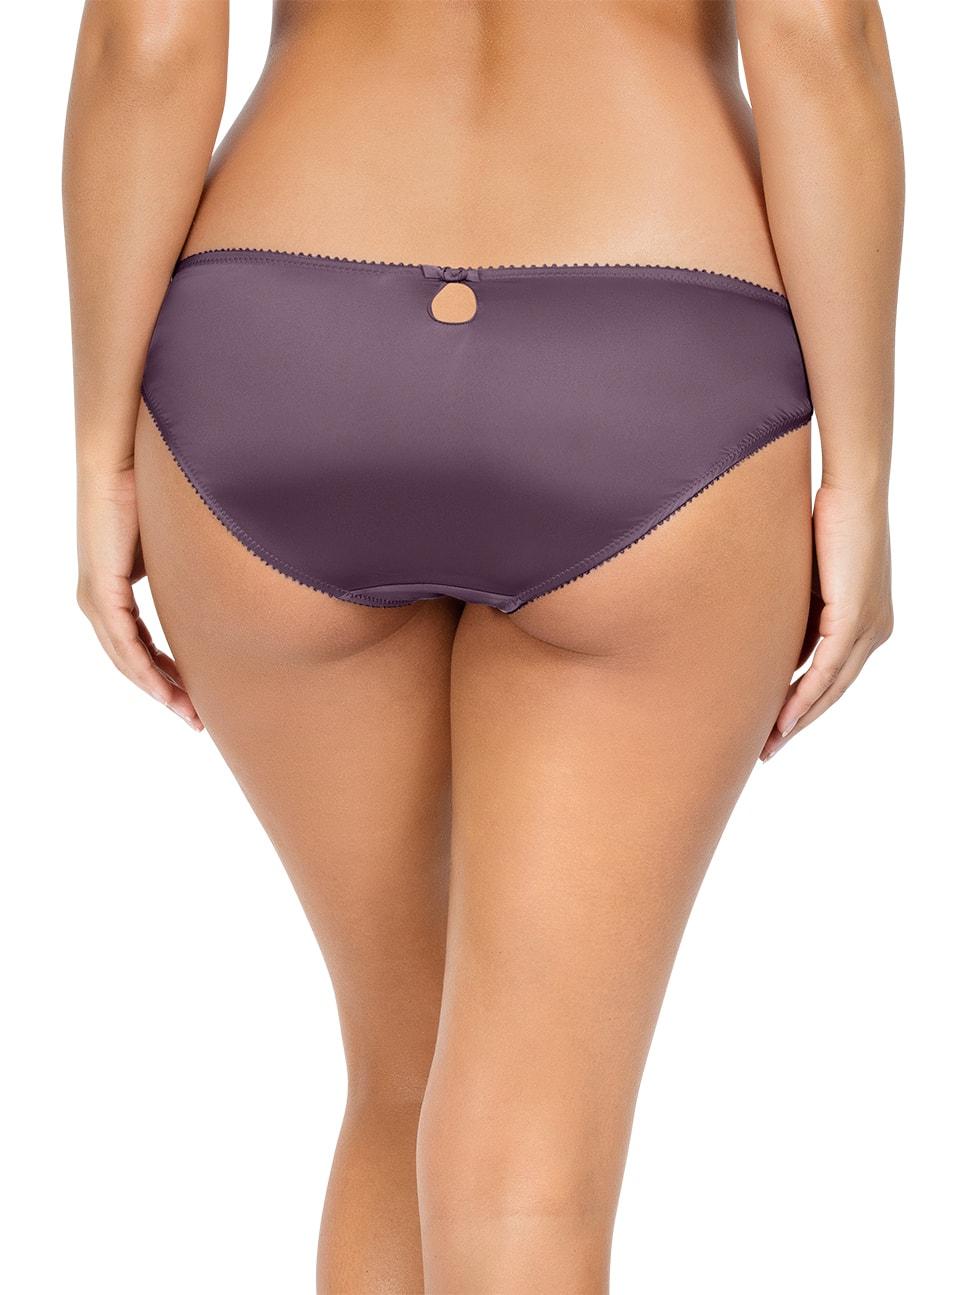 PARFAIT Mariela BikiniP5583 PlumNostalgiaRose Back - Mariela Bikini - Plum/Nostalgia Rose - P5583